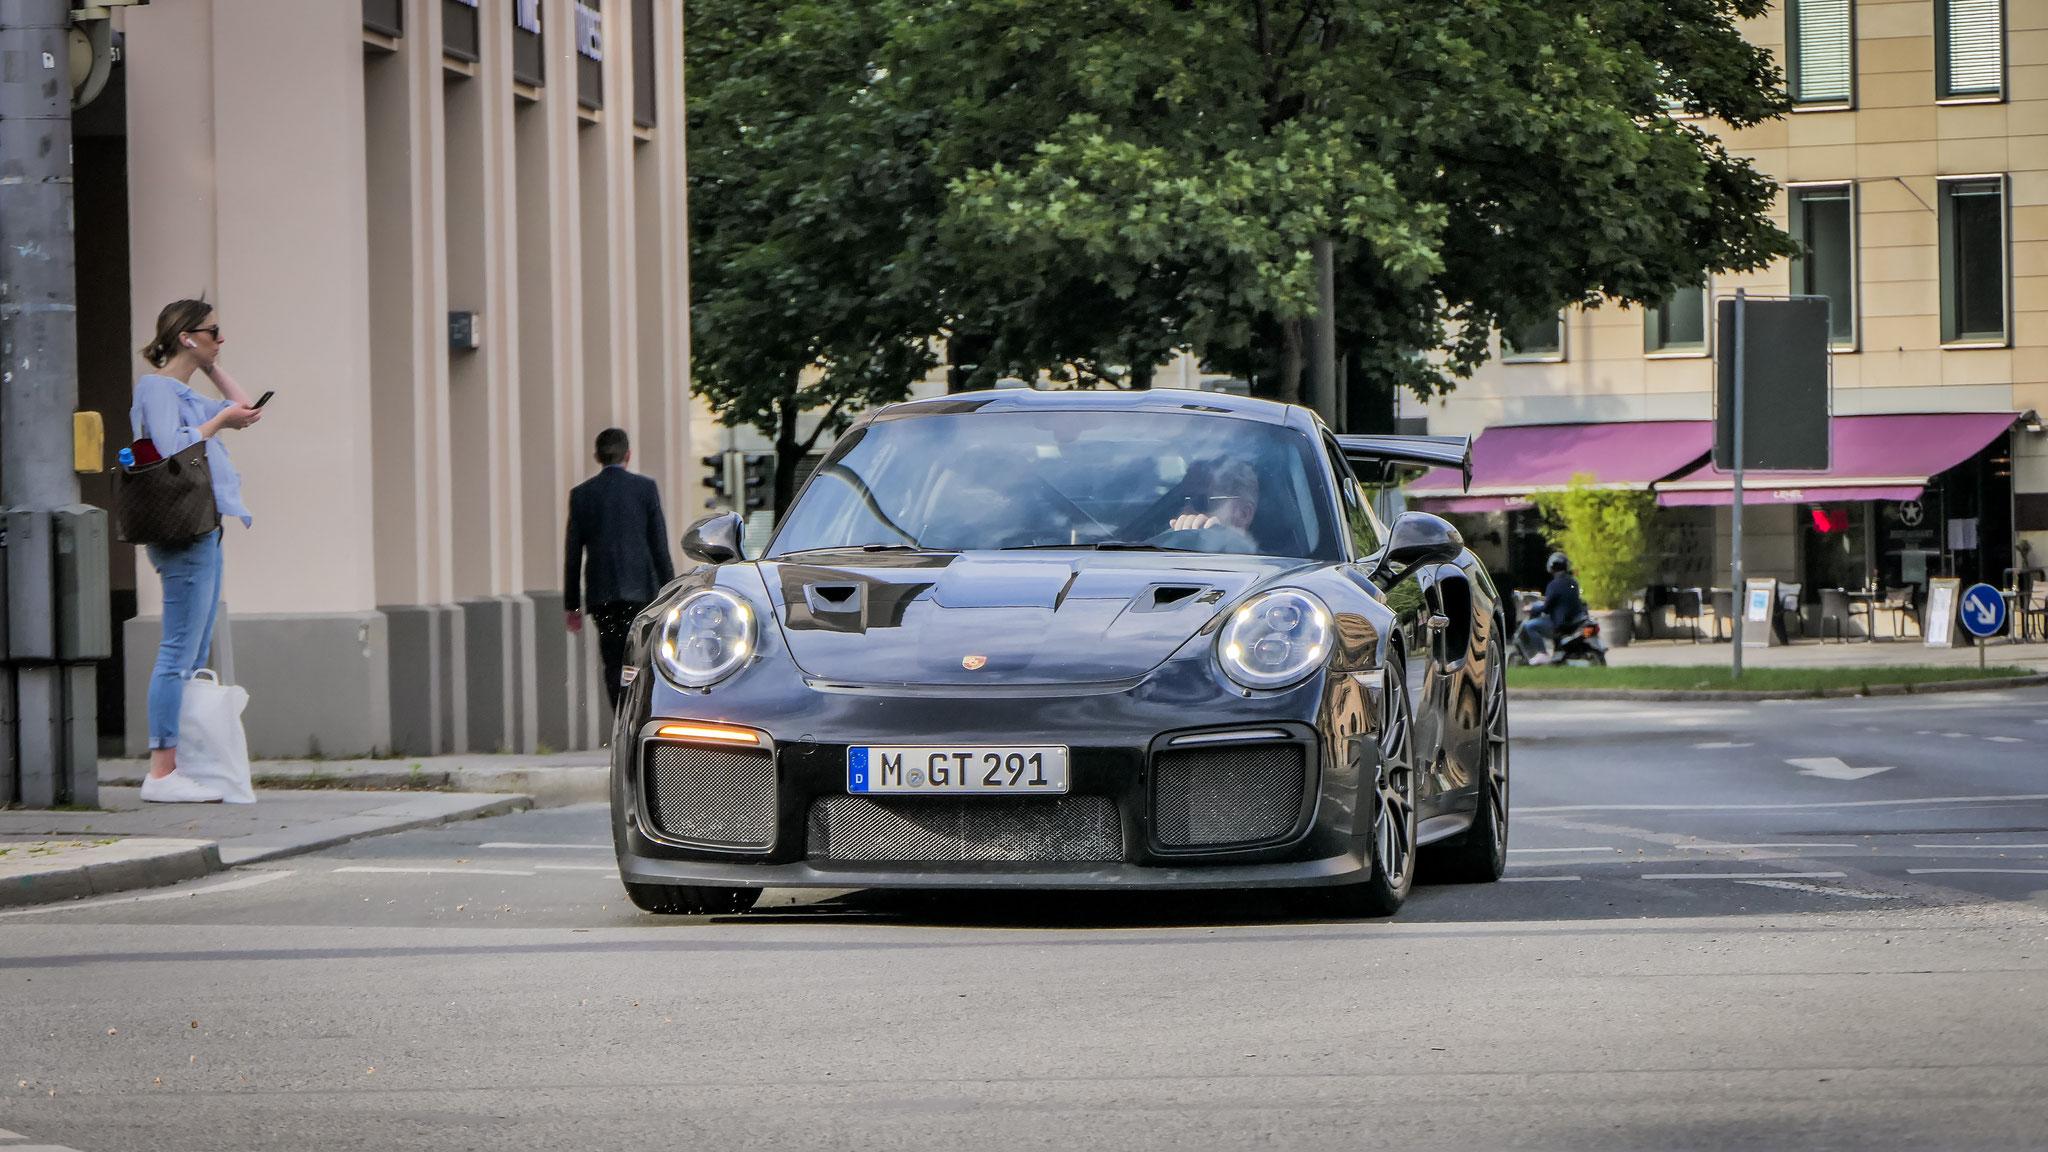 Porsche GT2 RS - M-GT-291